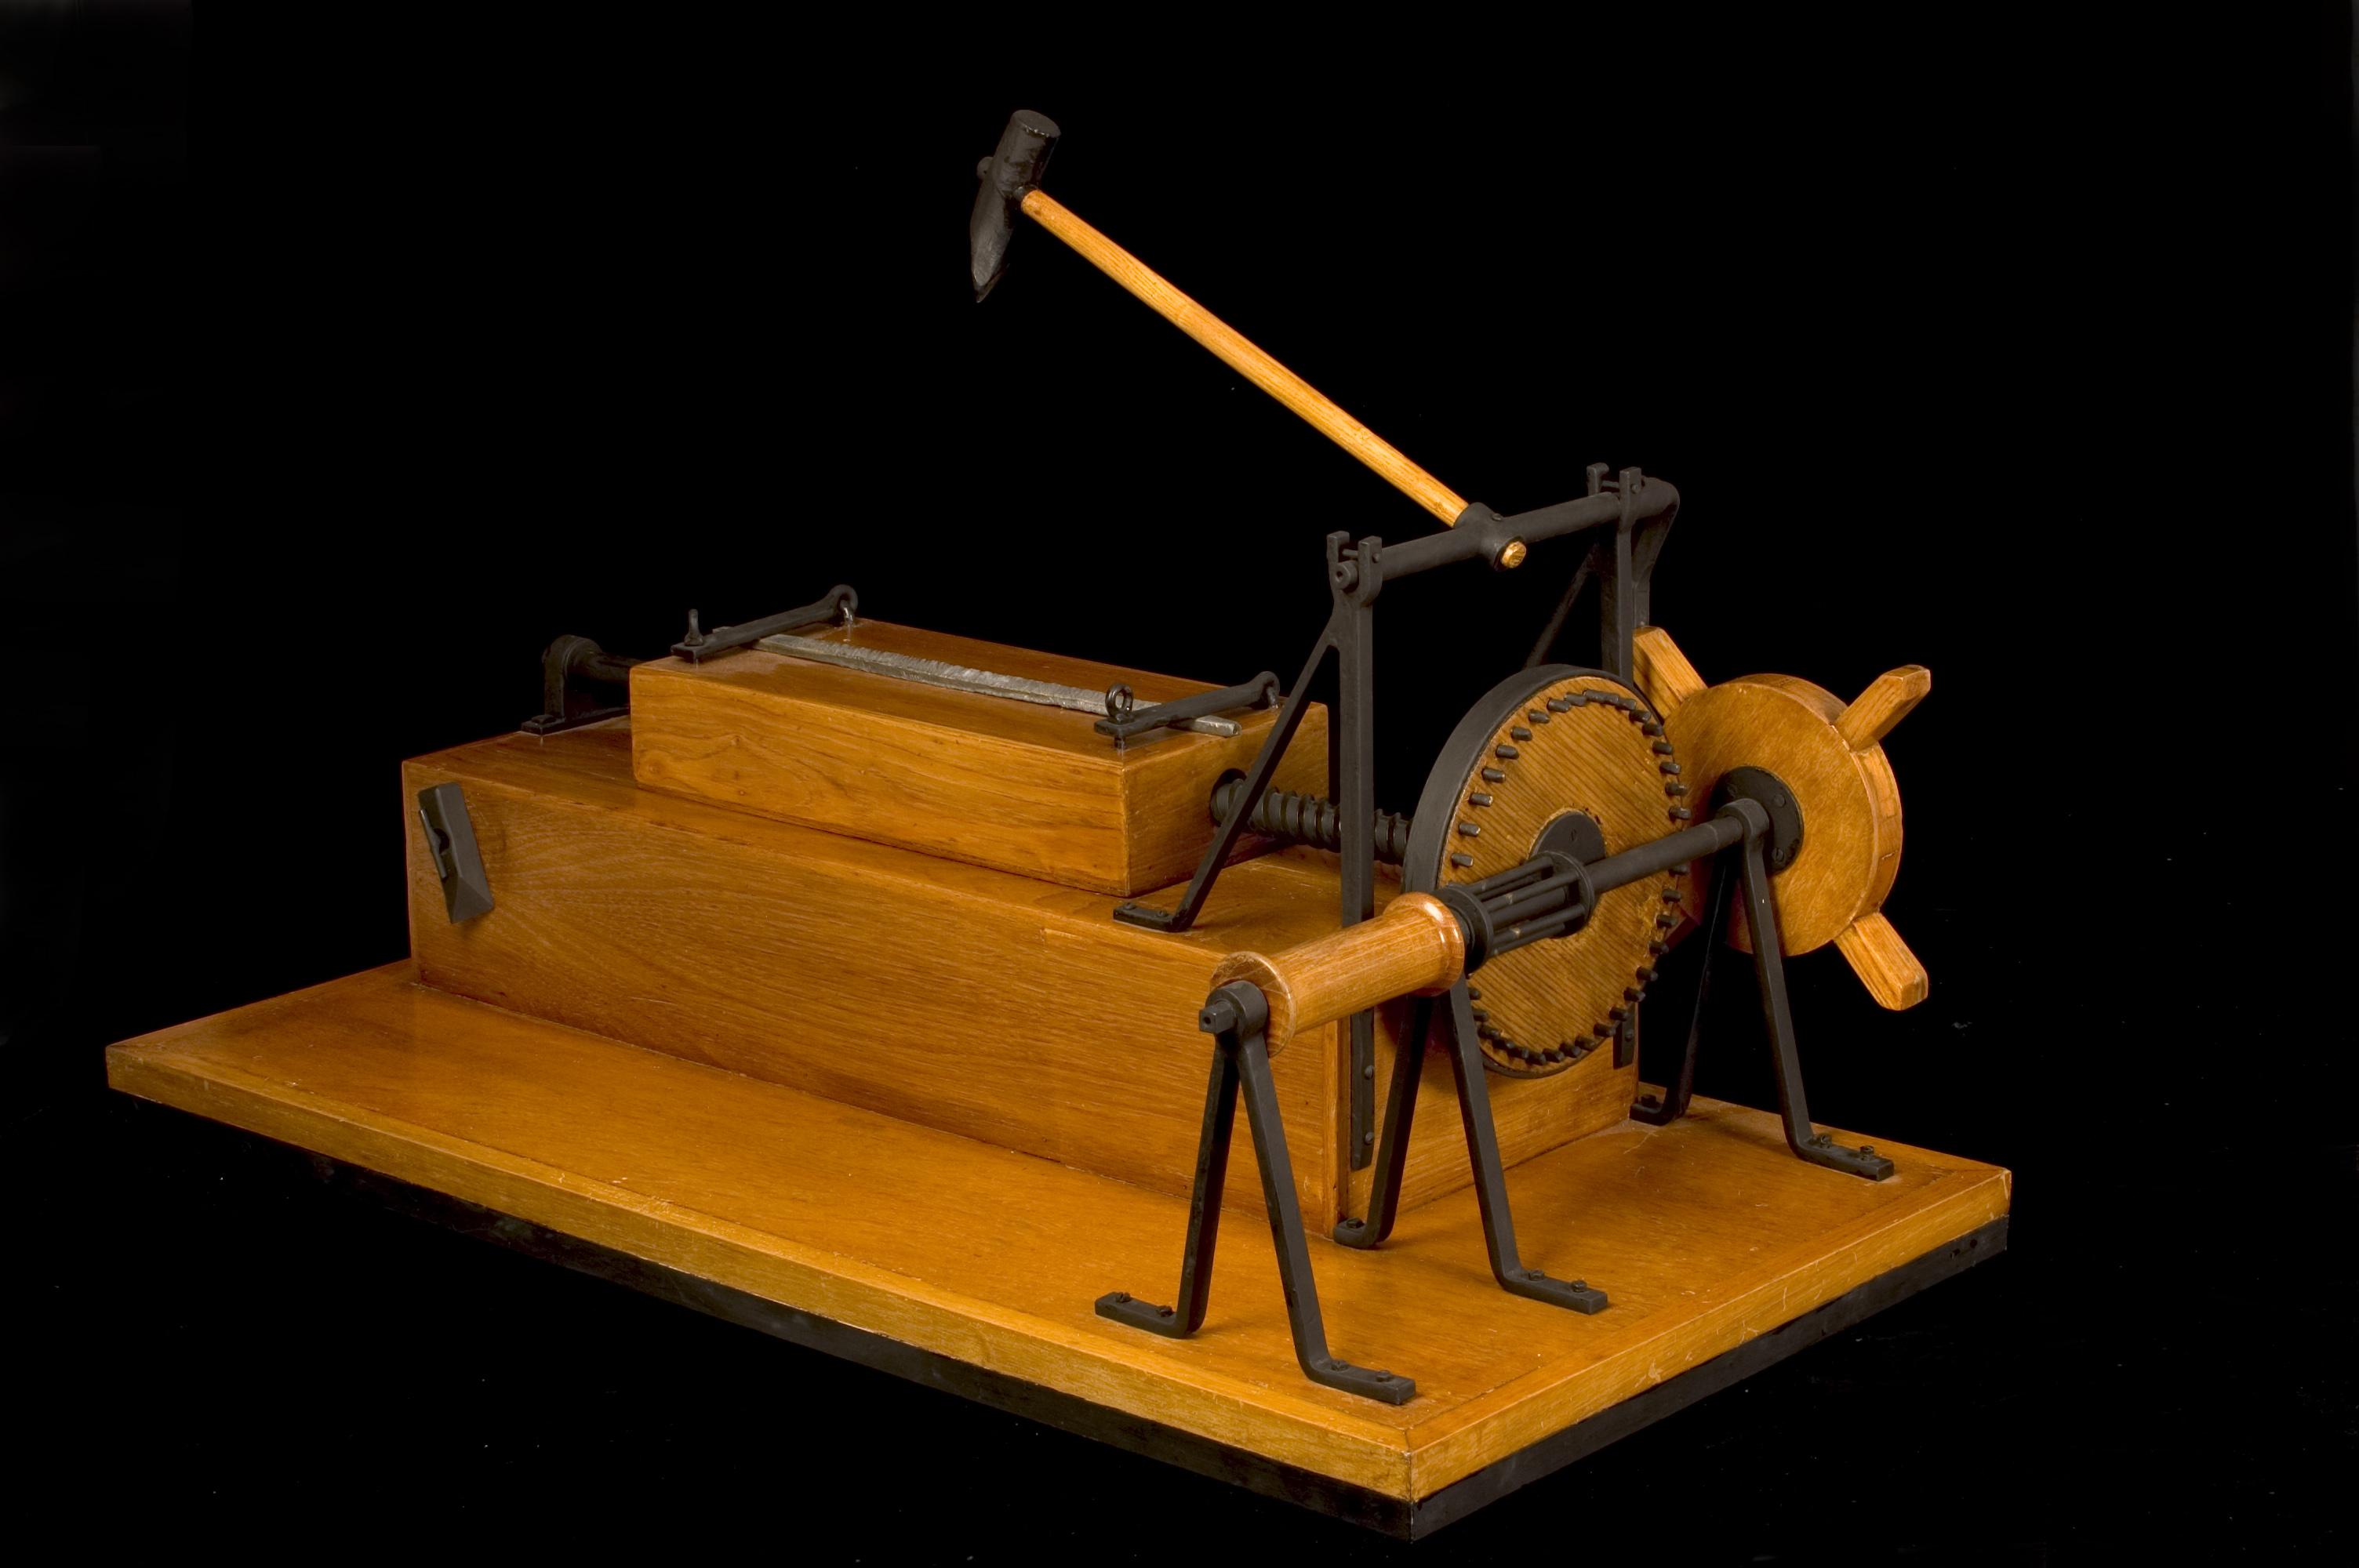 Leonardo's file-cutting machine tool © Archivio Museo Nazionale della Scienza e della Tecnologia Leonardo da Vinci – Alessandro Nassiri